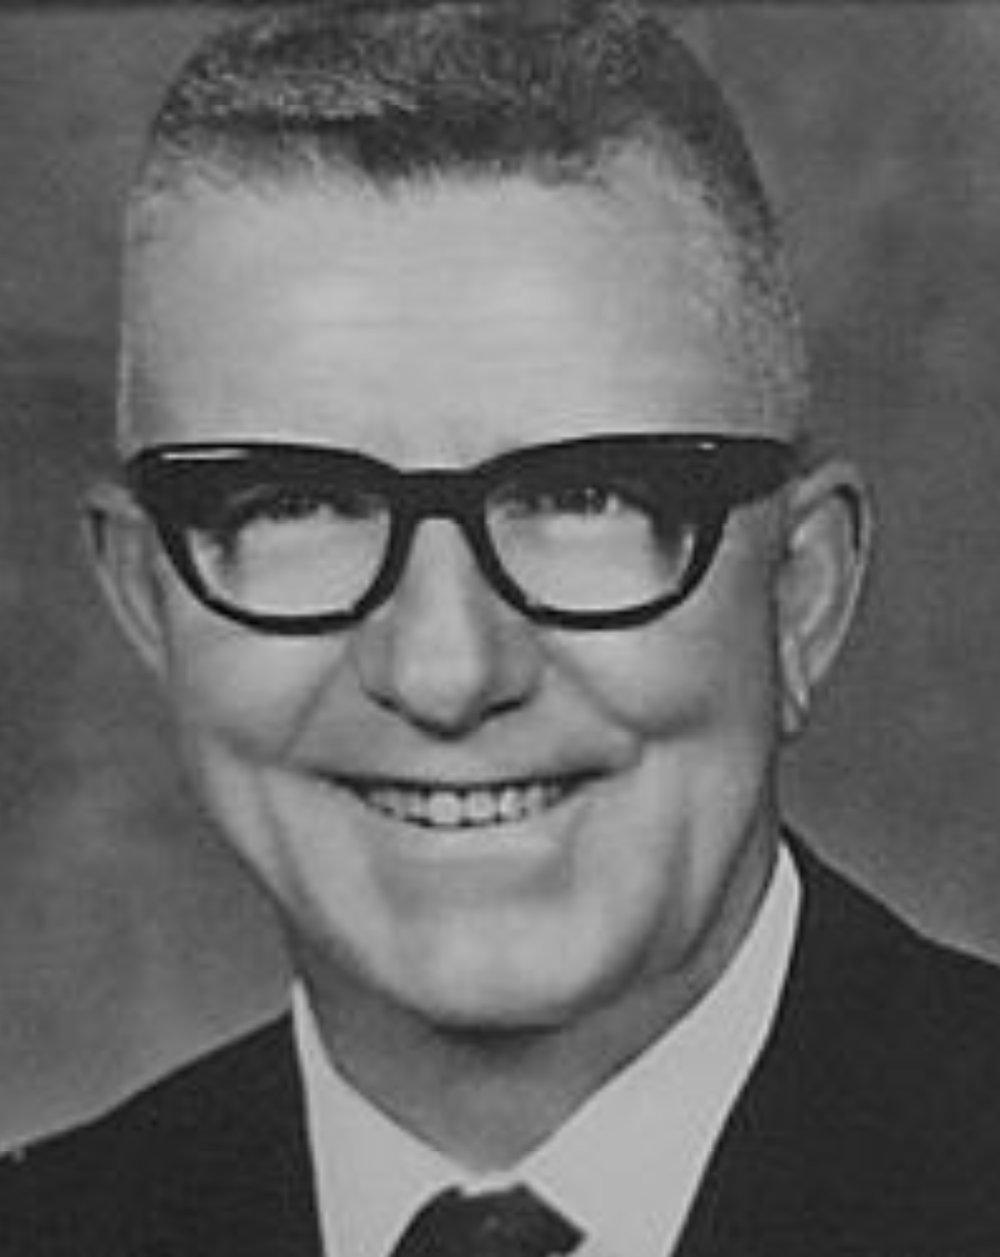 HEBERT A. CALDWELL